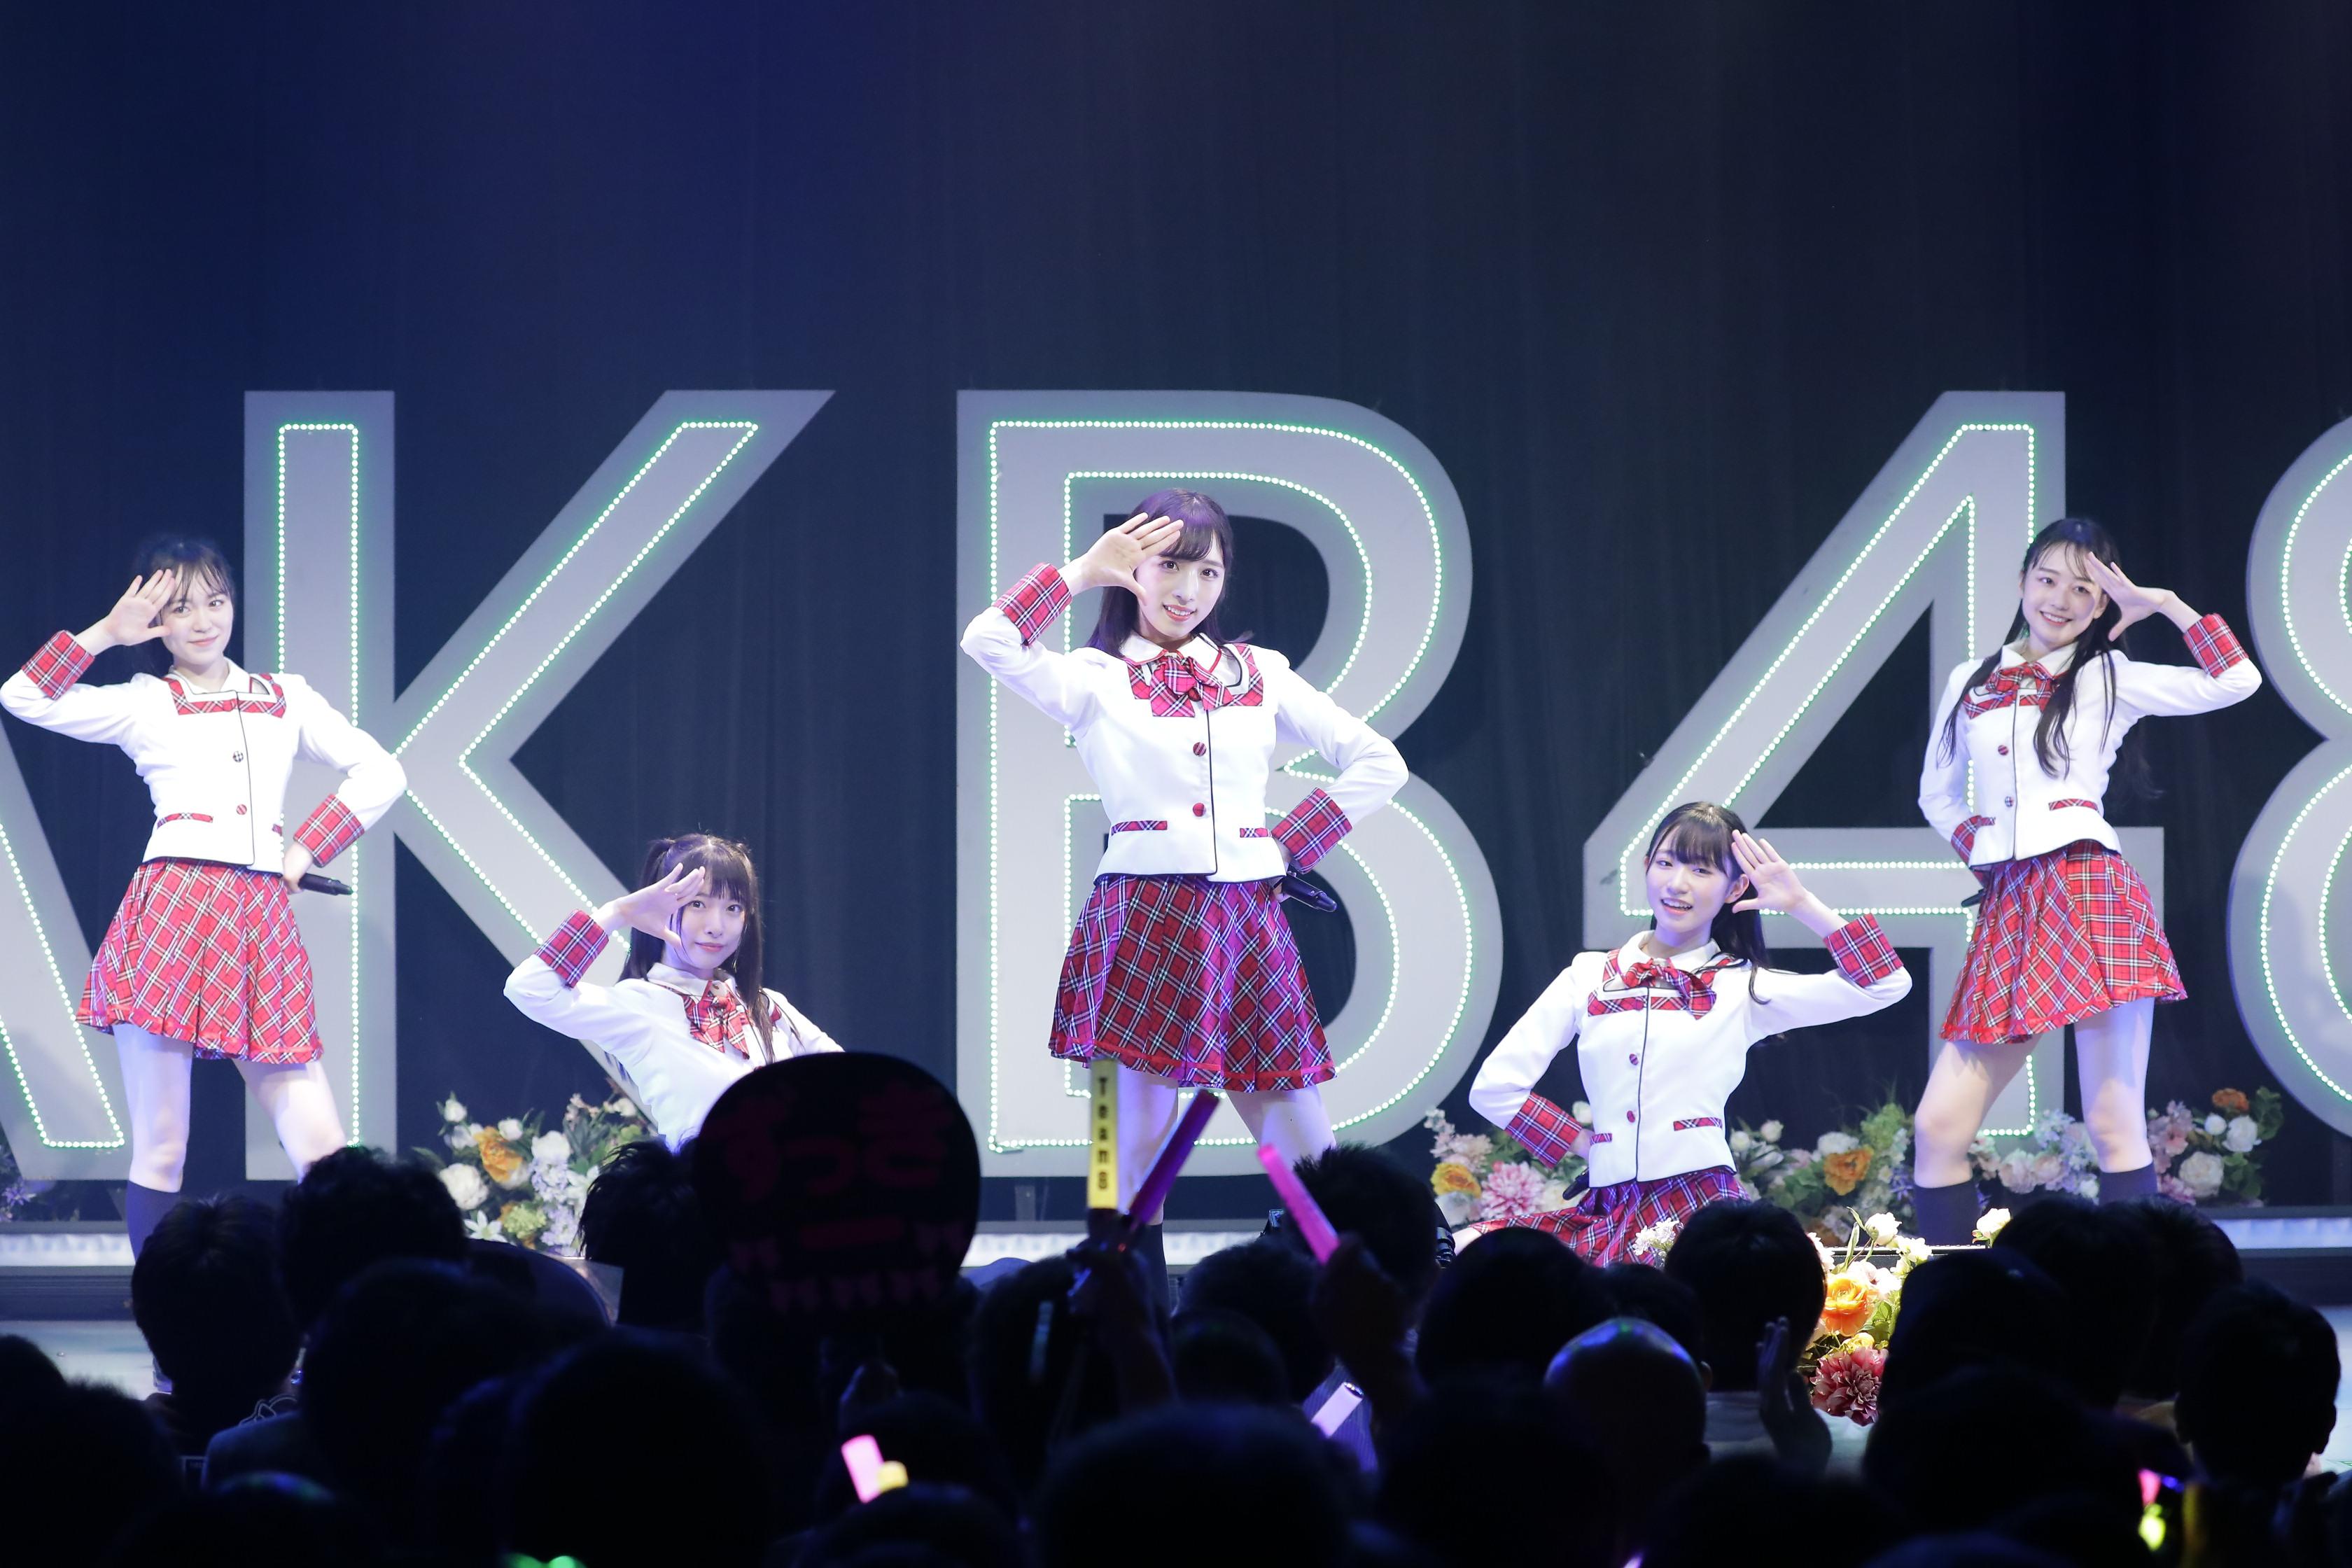 ユニットライブでの「IxR」(2020年2月)